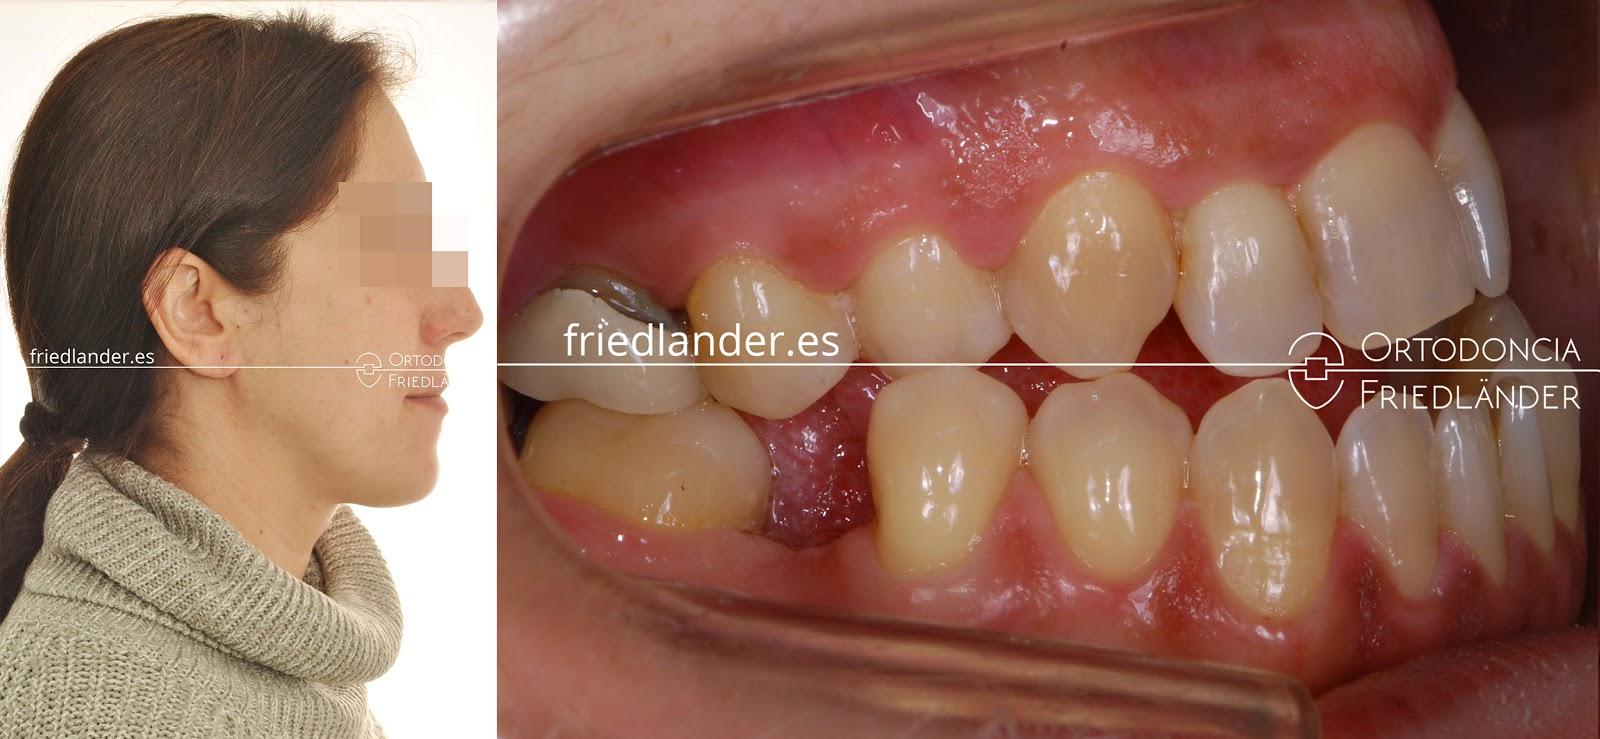 La Cirugía ortognática para tratar deformidades faciales 5